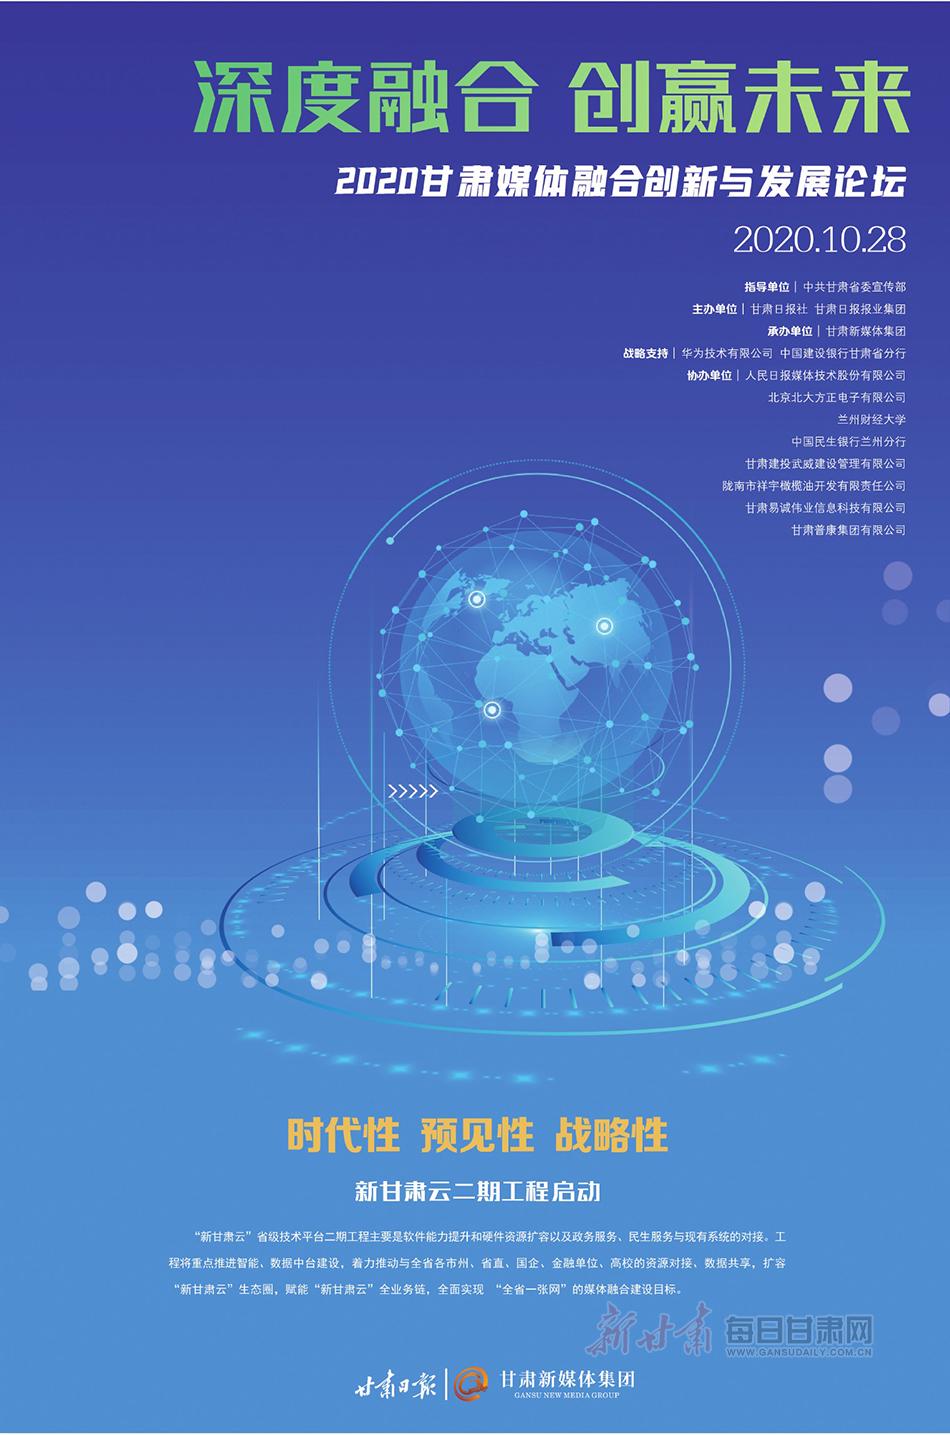 深度融合 创赢未来 2020甘肃媒体融合创新与发展论坛